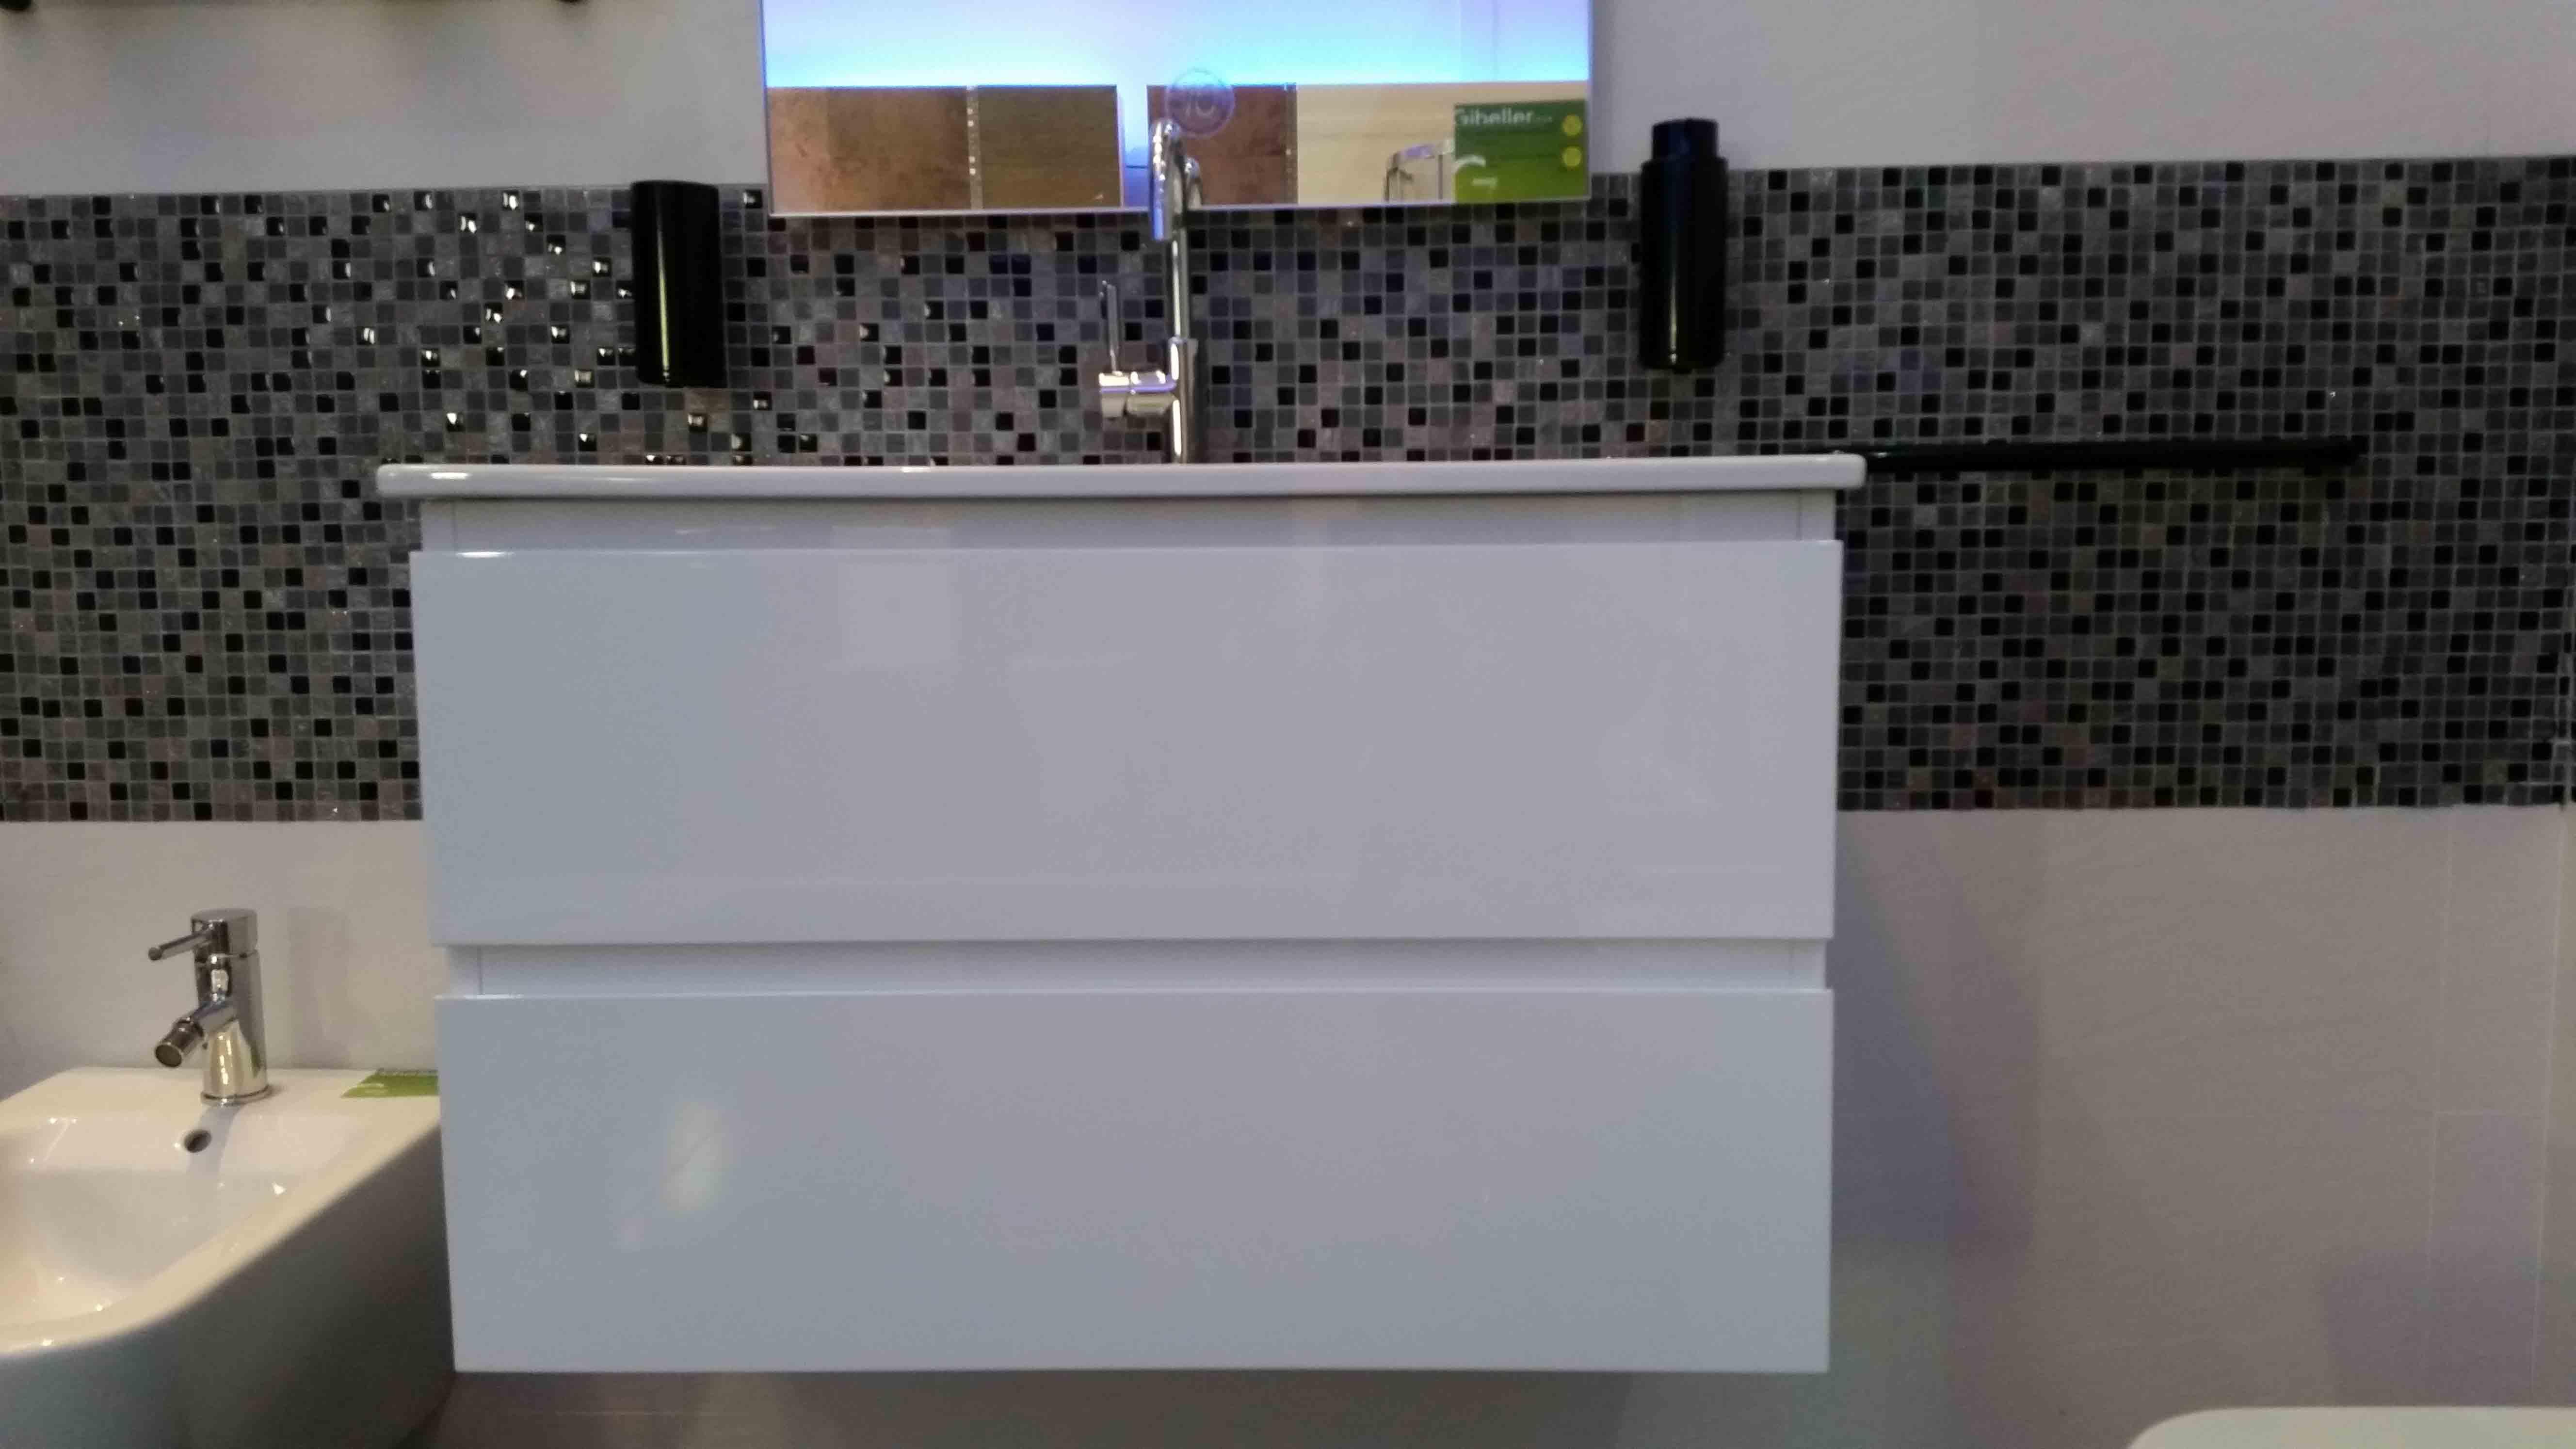 Muebles De Baño Alicante:Mueble de baño Inbani – Piedras naturales, cerámicas, baños, saunas